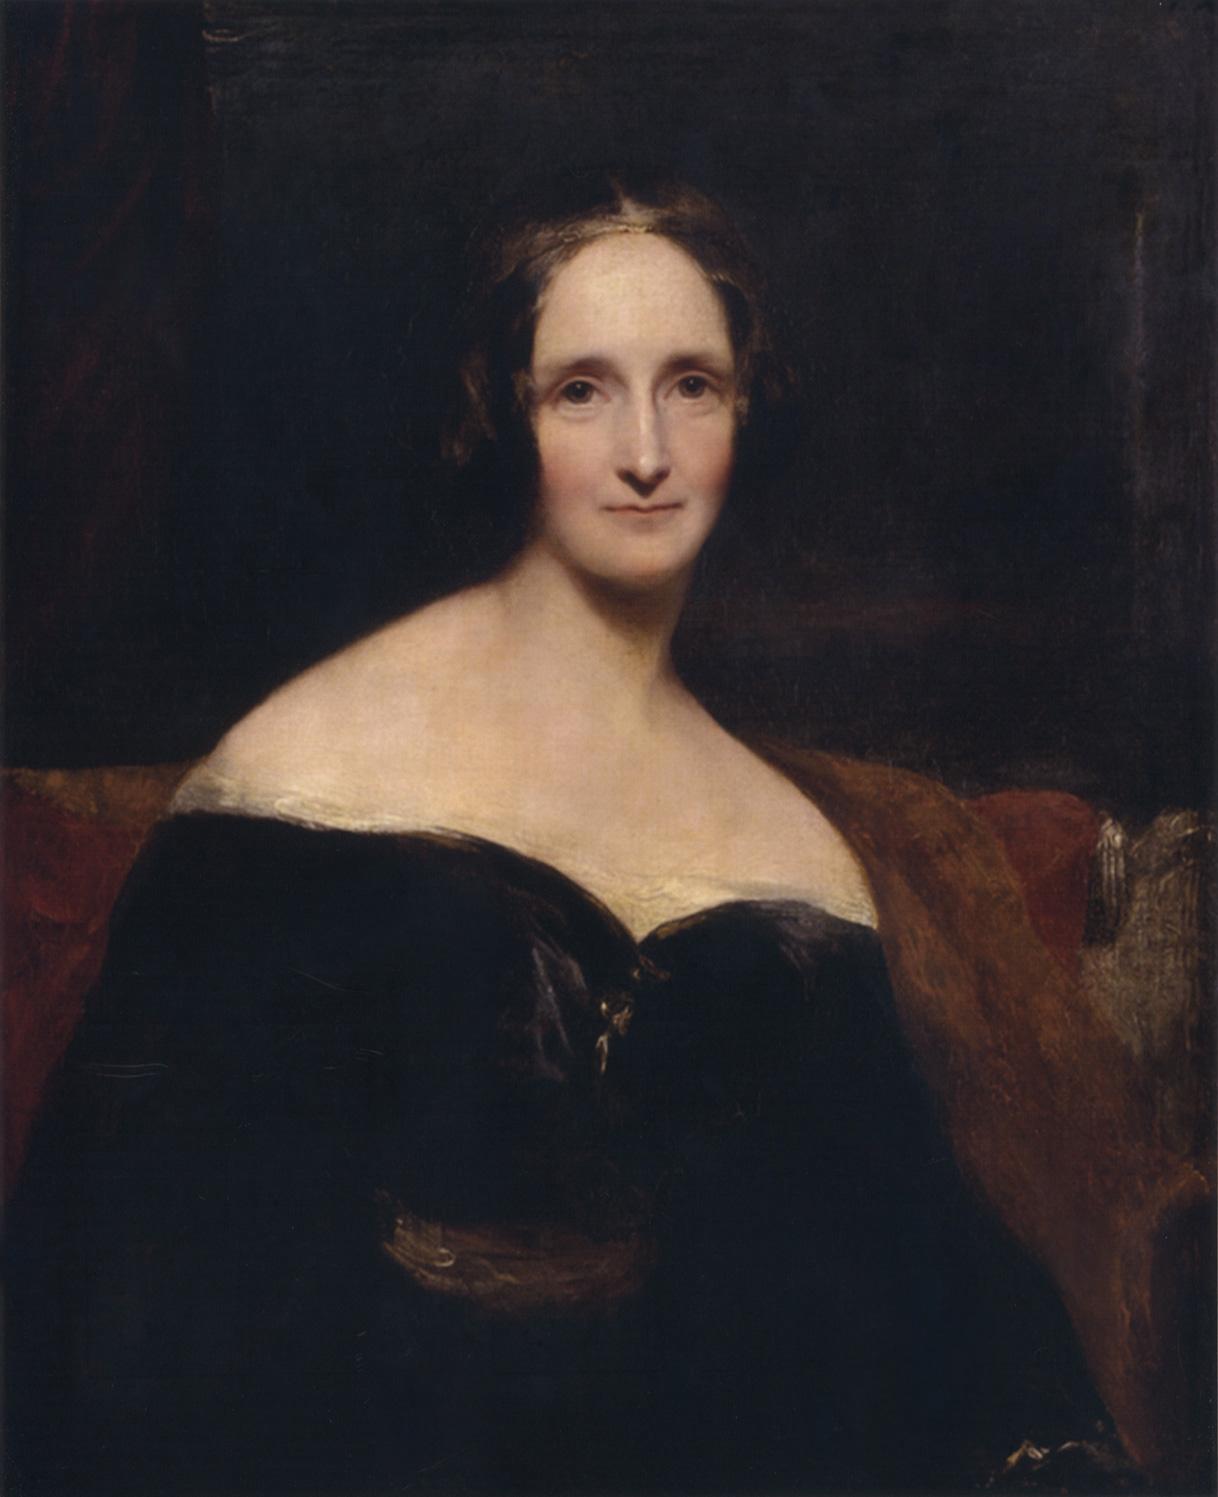 Mary Shelley.